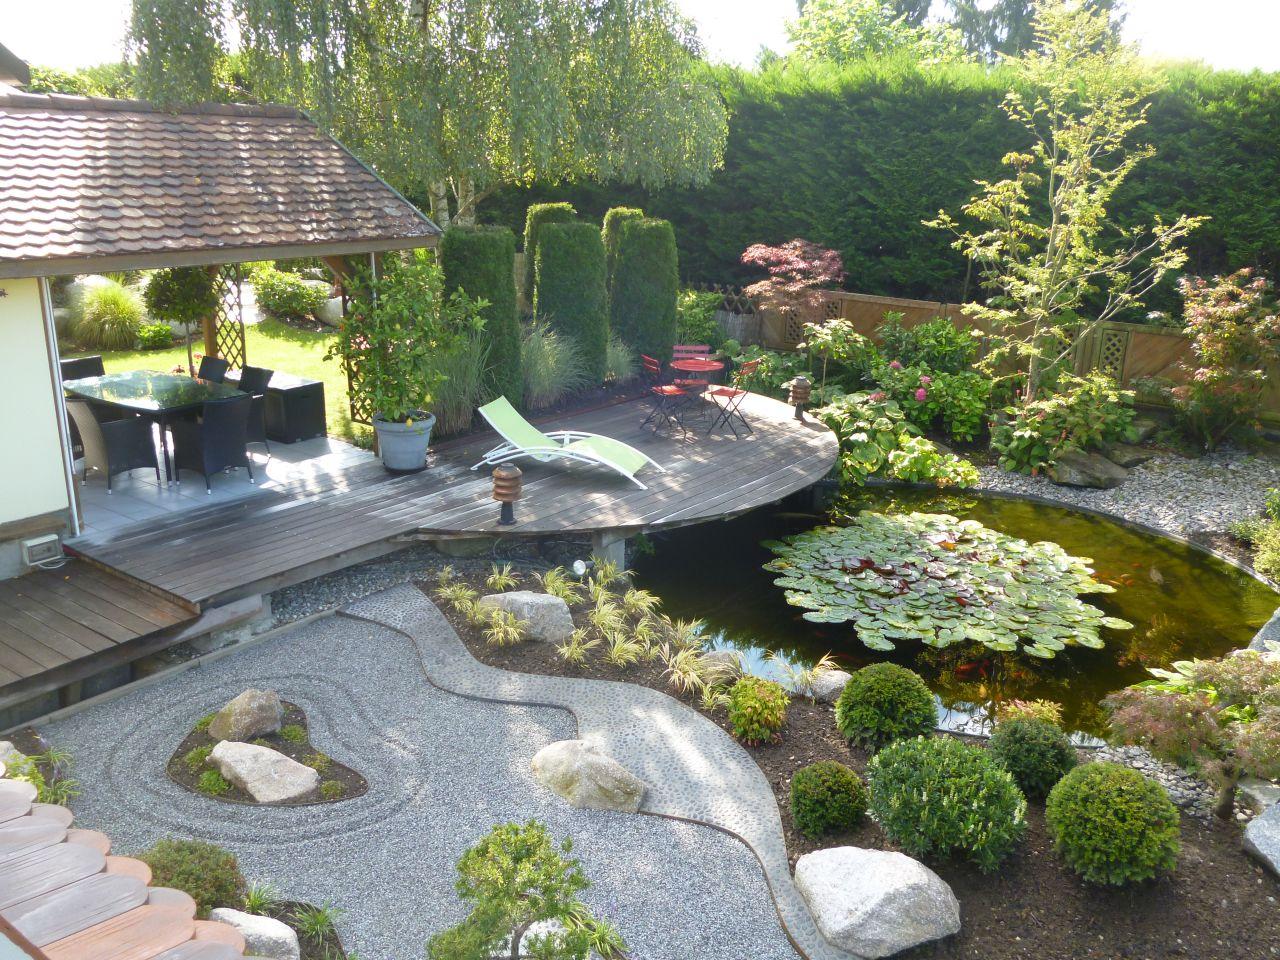 Déco générale du jardin - Haut Rhin (68) - aout 2014